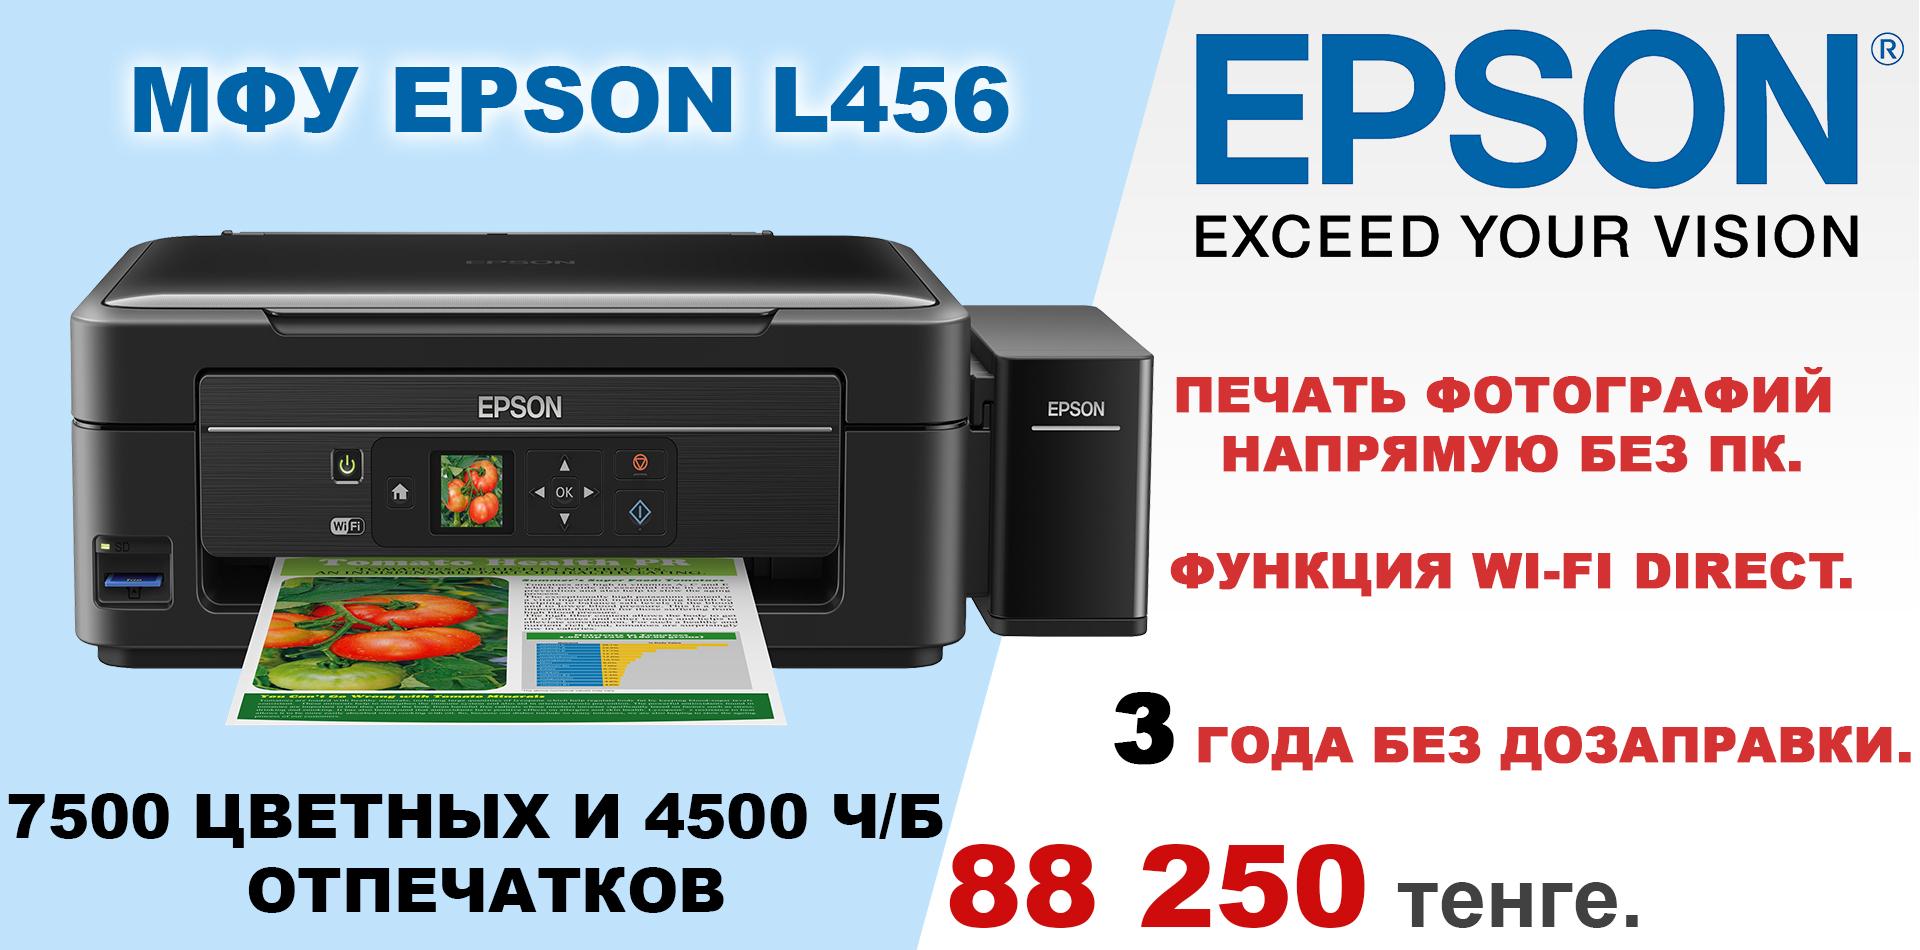 МФУ EPSON L456